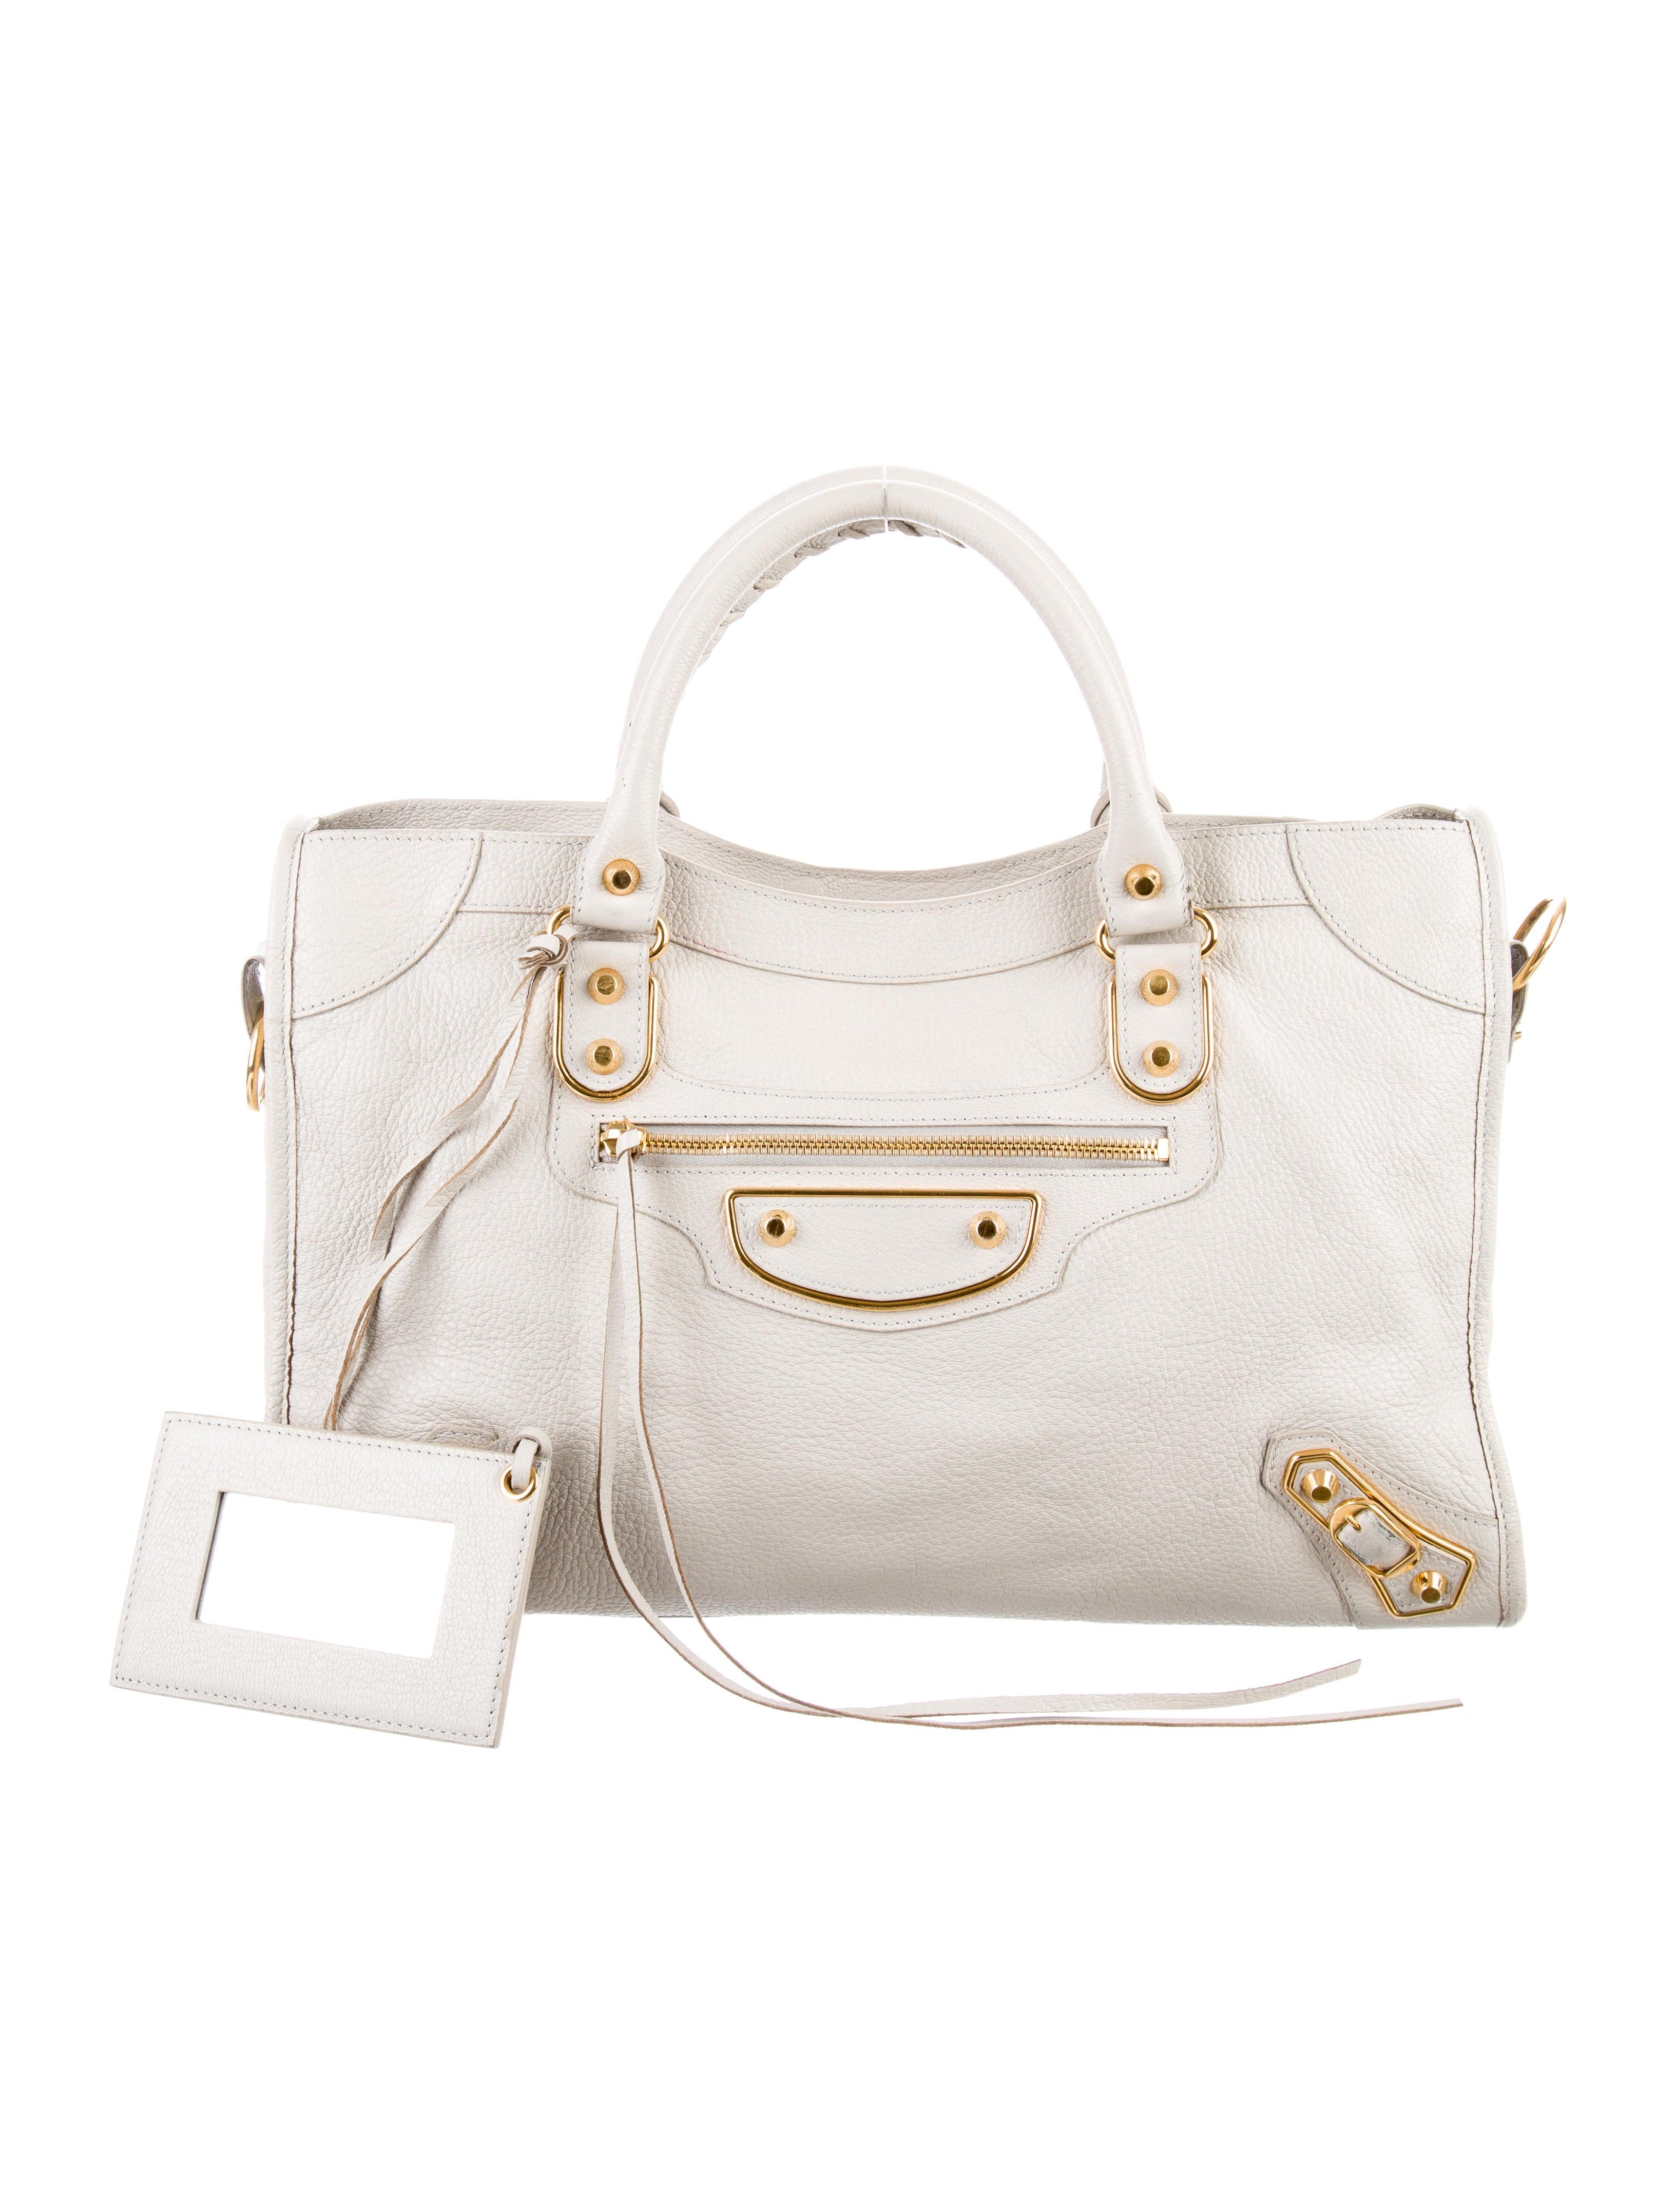 05f0e513f9 Balenciaga Metallic Edge City Bag - Handbags - BAL56134 | The RealReal